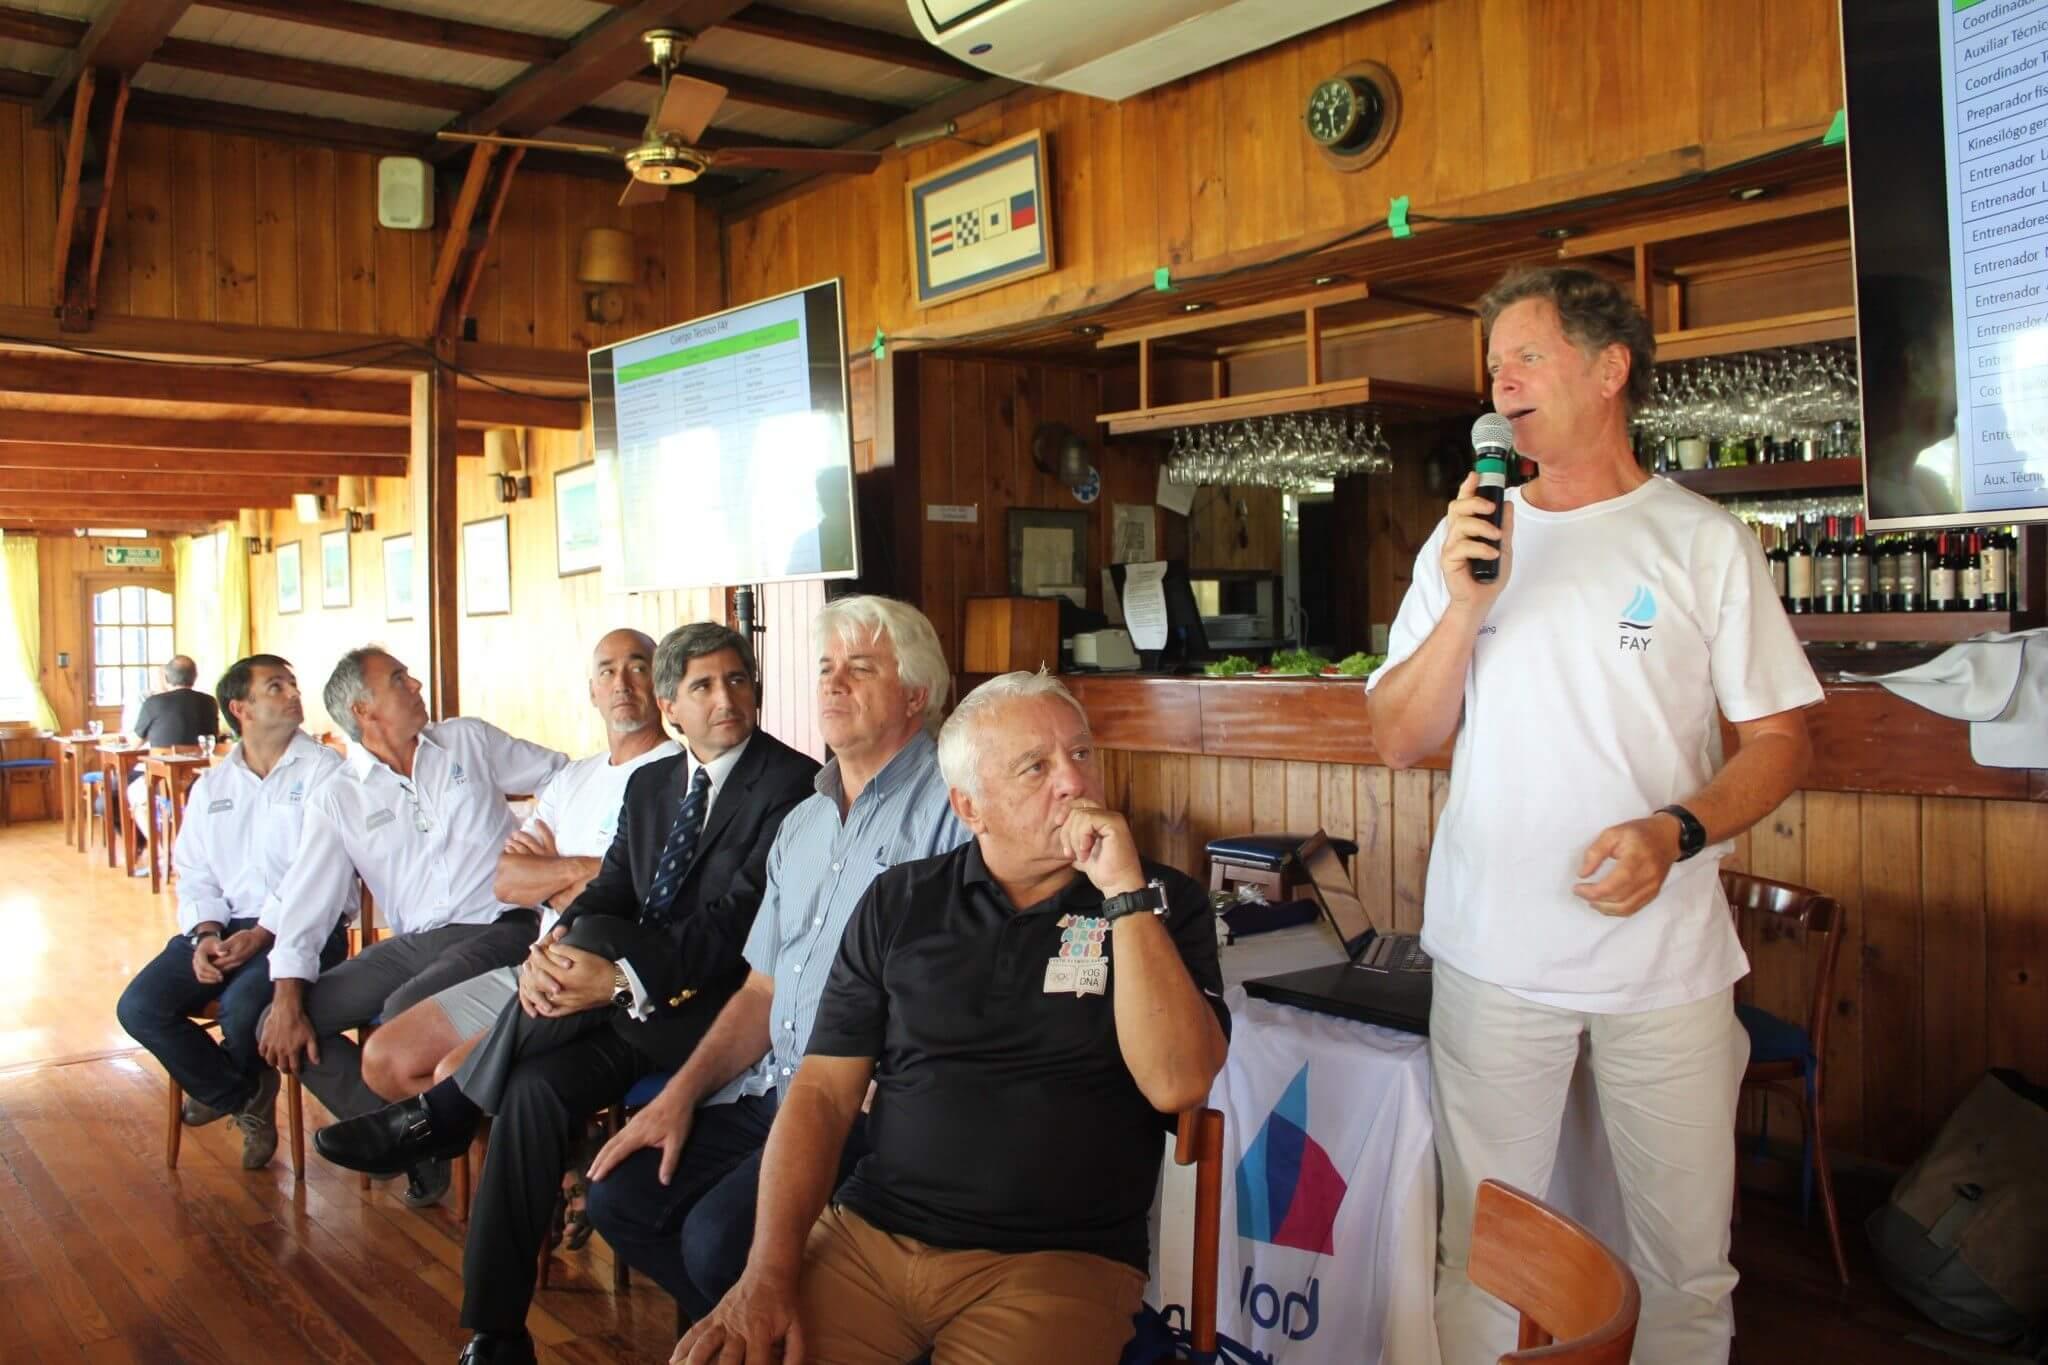 Alejandro Closs dando una charla en el Curso de Entrenadores de la World Sailing - FAY